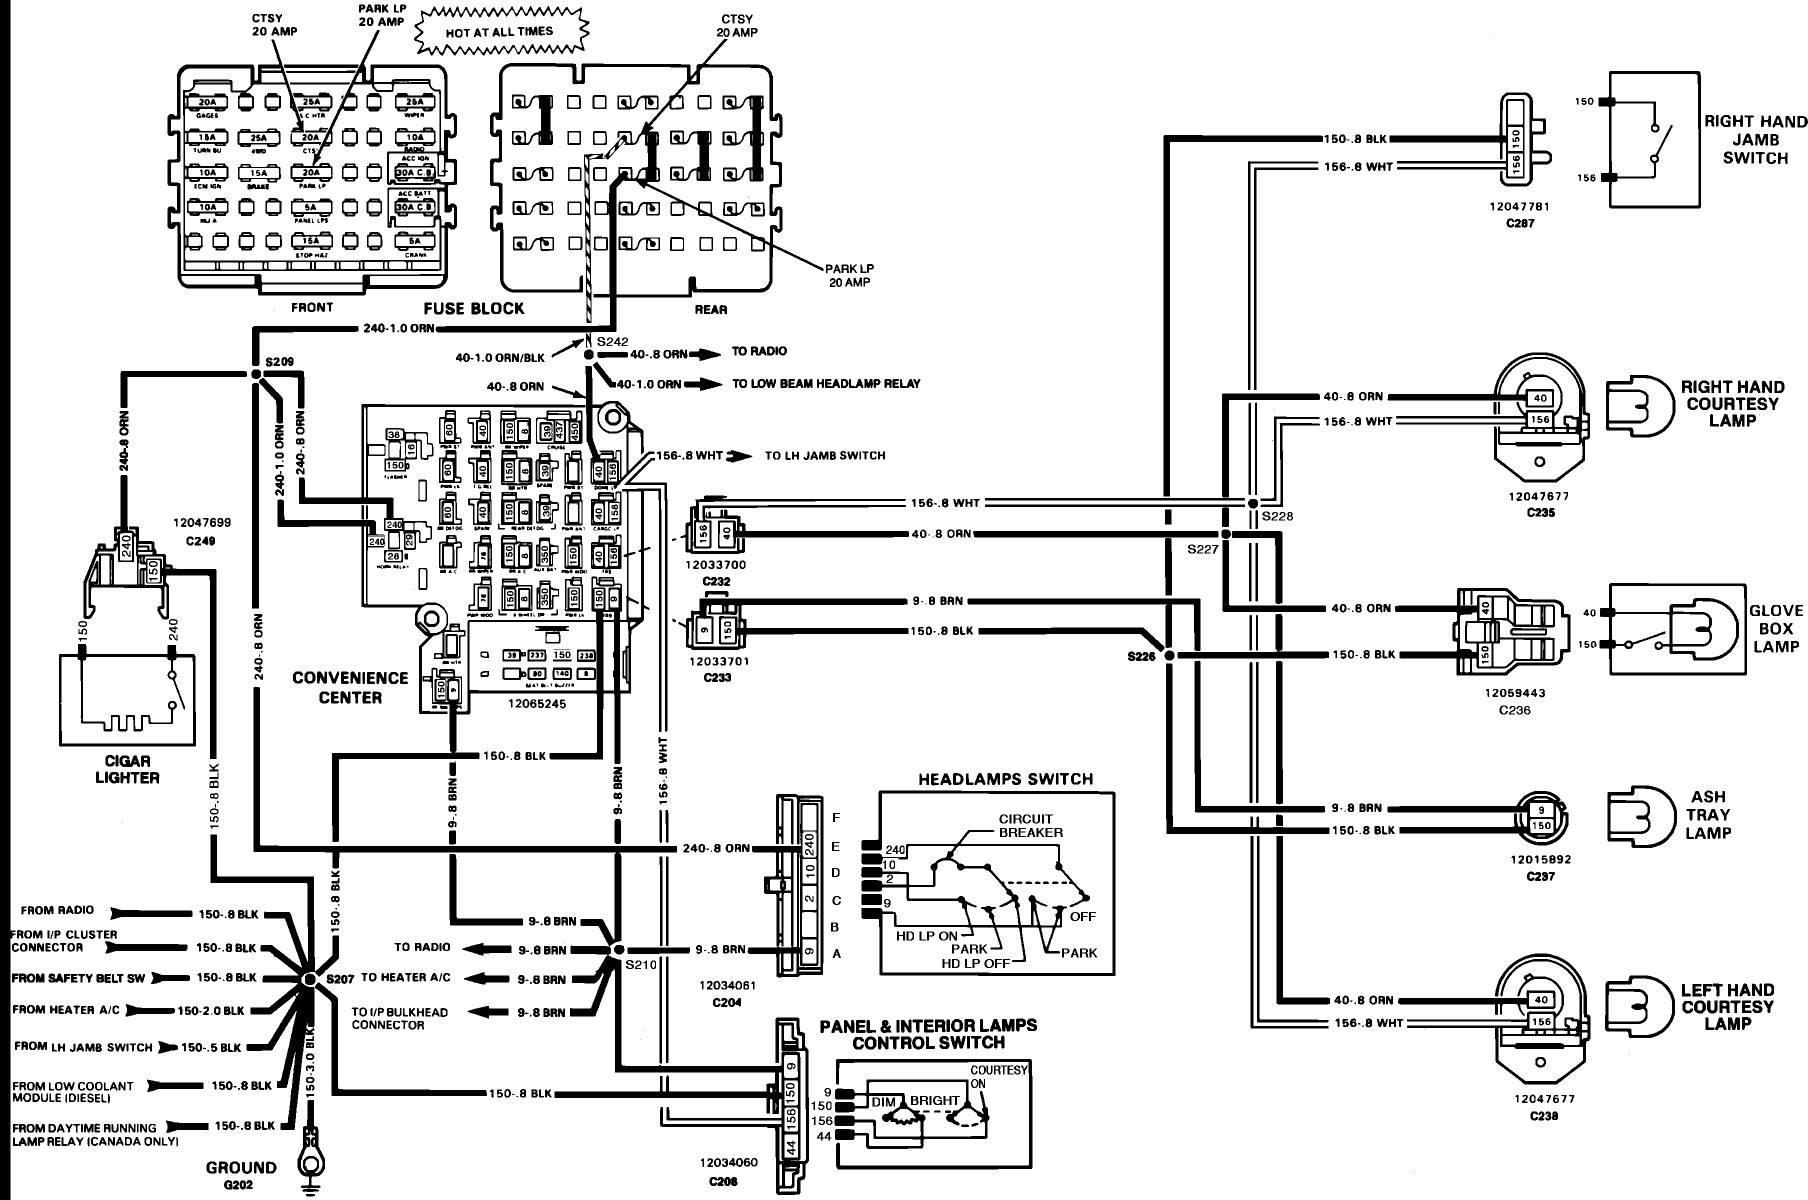 2004 ford F150 Parts Diagram Beautiful Chevy Silverado Parts Catalog Models Of 2004 ford F150 Parts Diagram